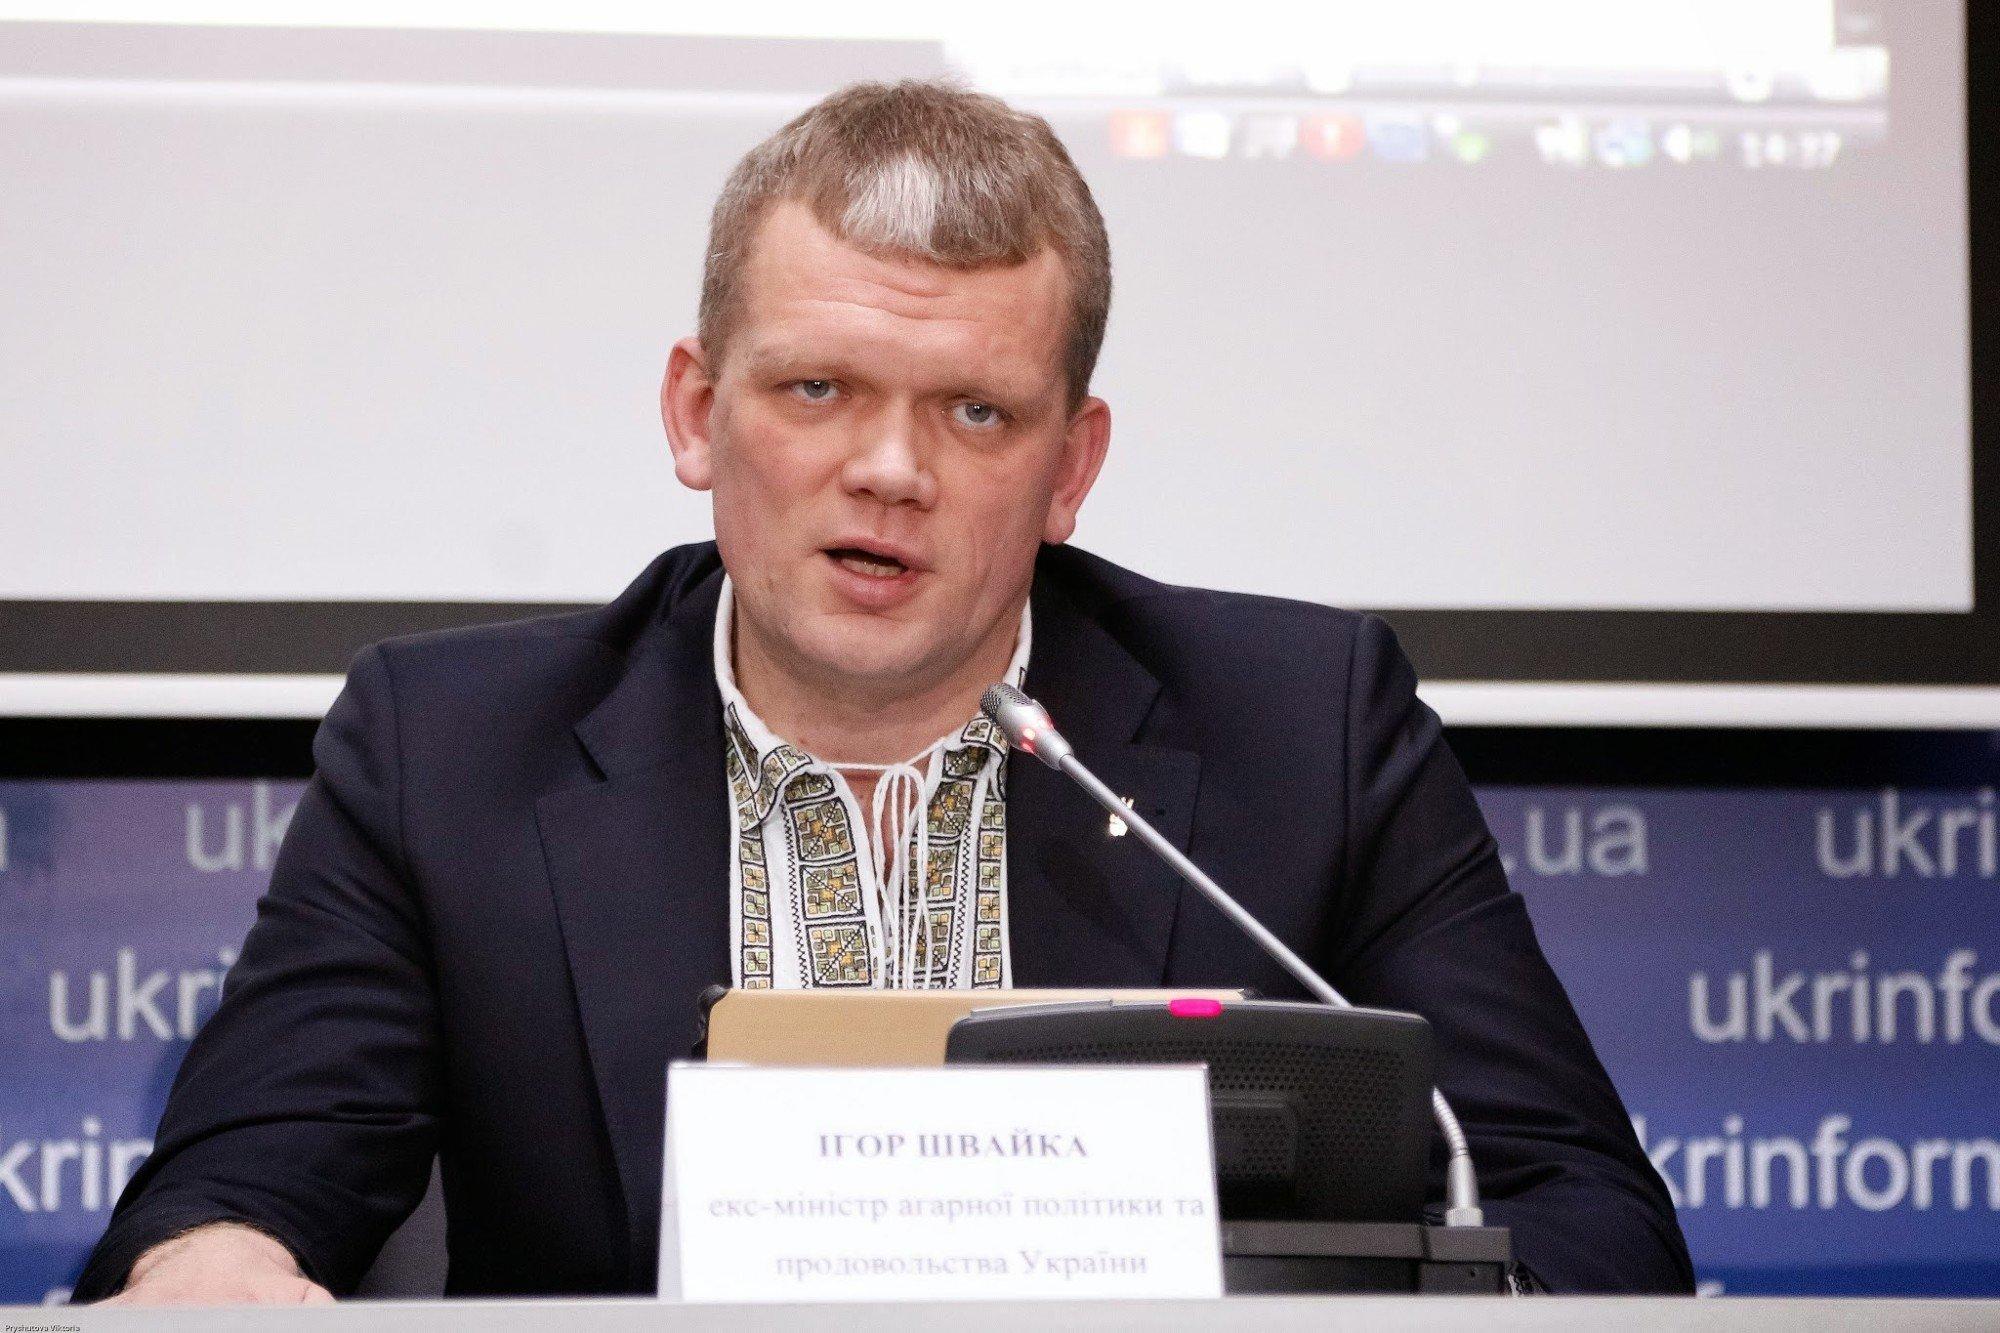 Экс-министра правительства Яценюка избили битами - События - Курс Украины